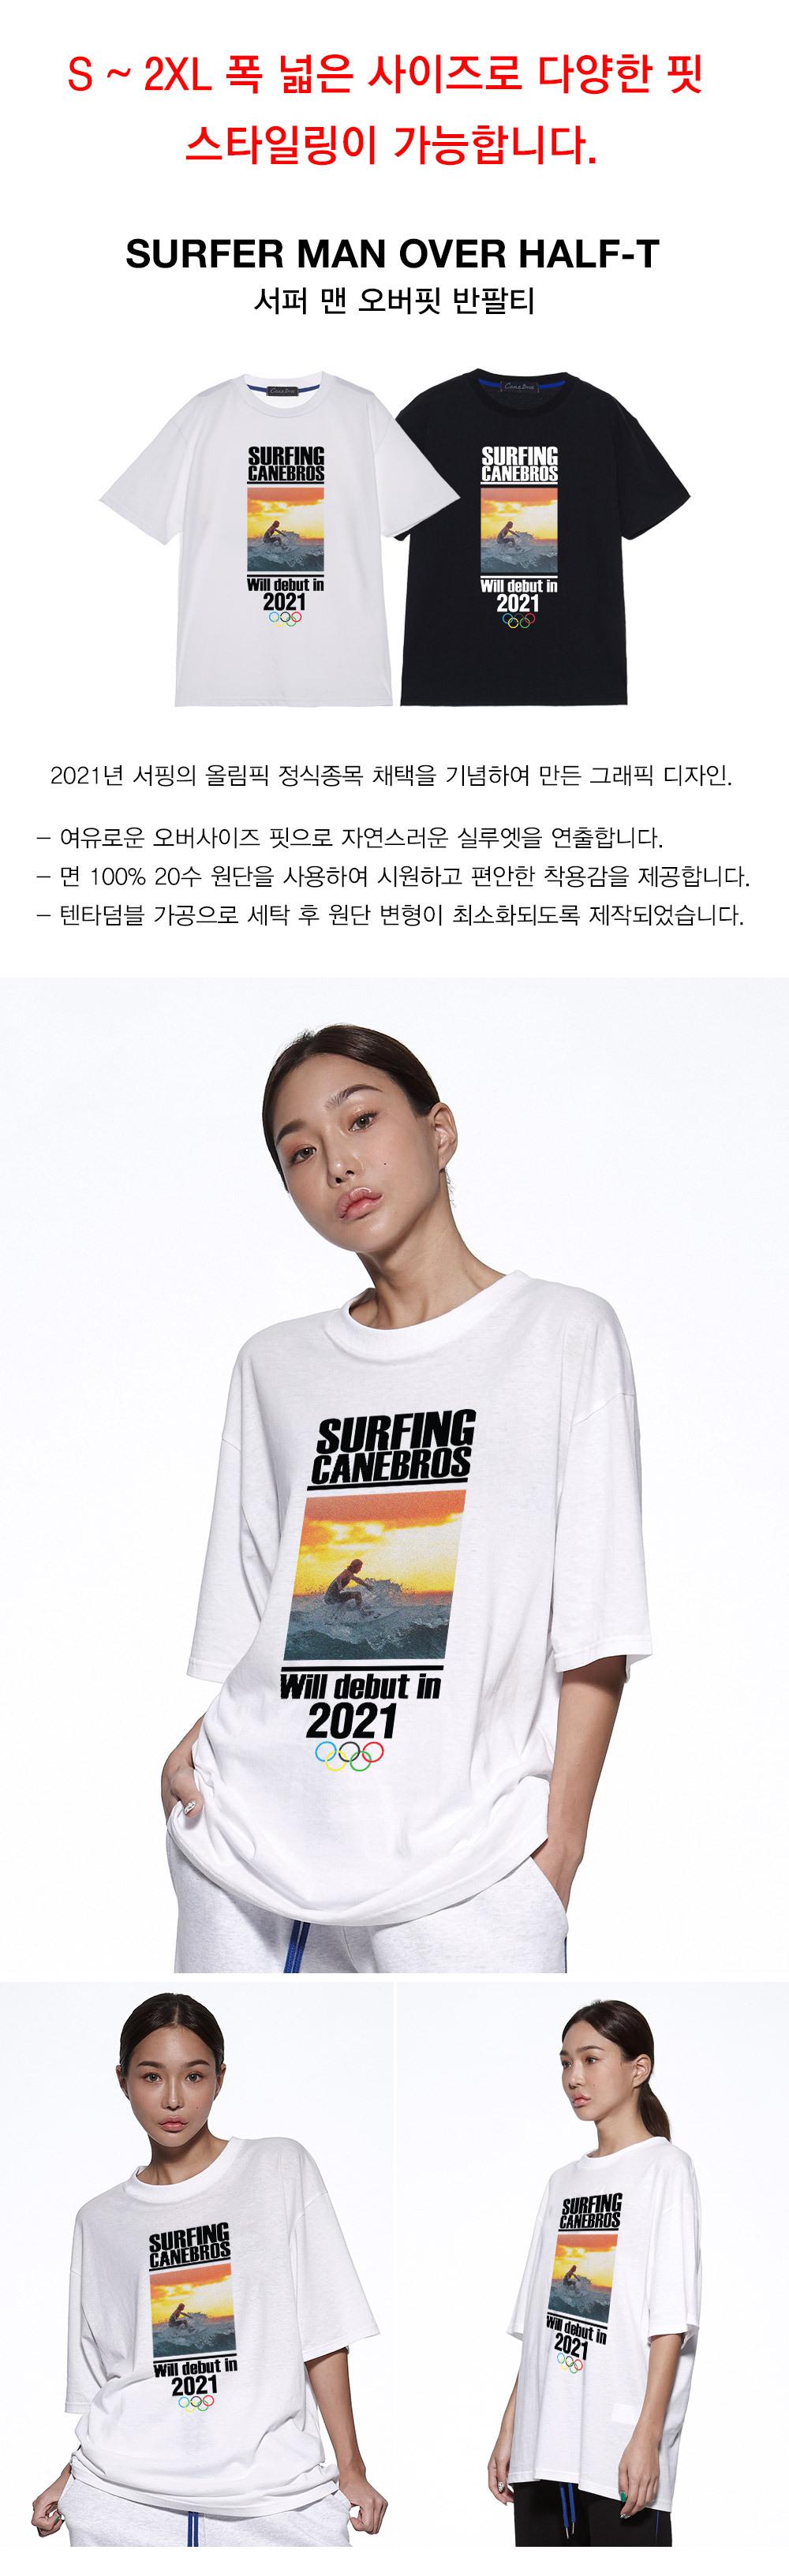 SURFER-MAN-OVER-HALF-T-WH_01.jpg